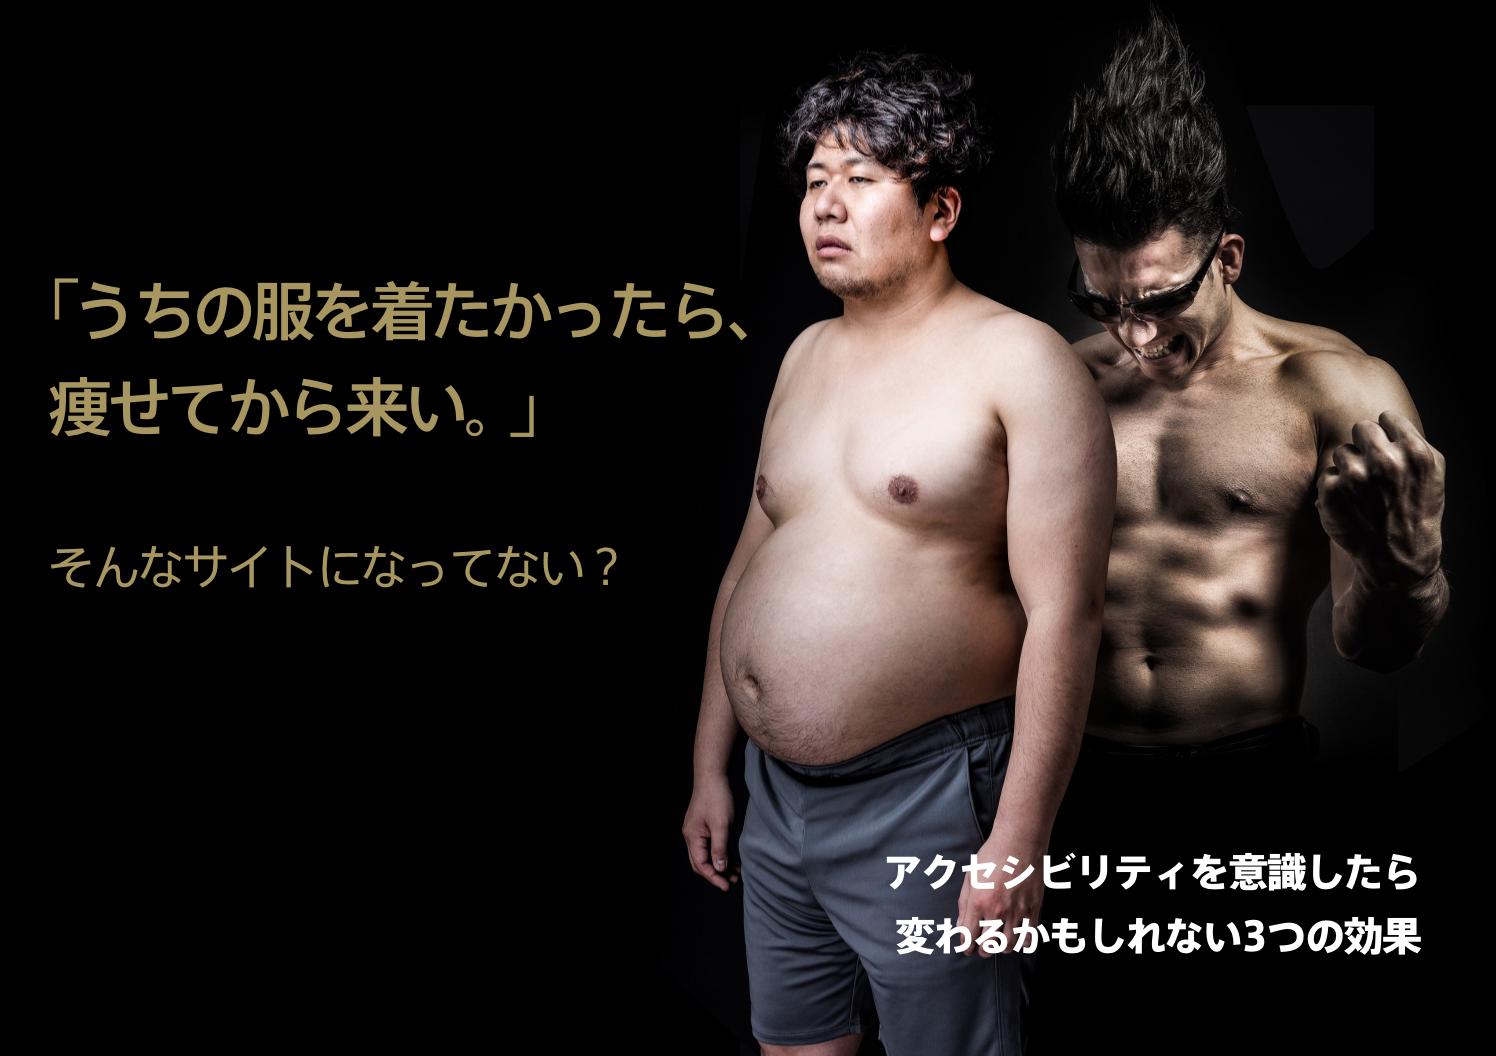 「うちの服来たかったら痩せてから来い」そんなサイトになってない?